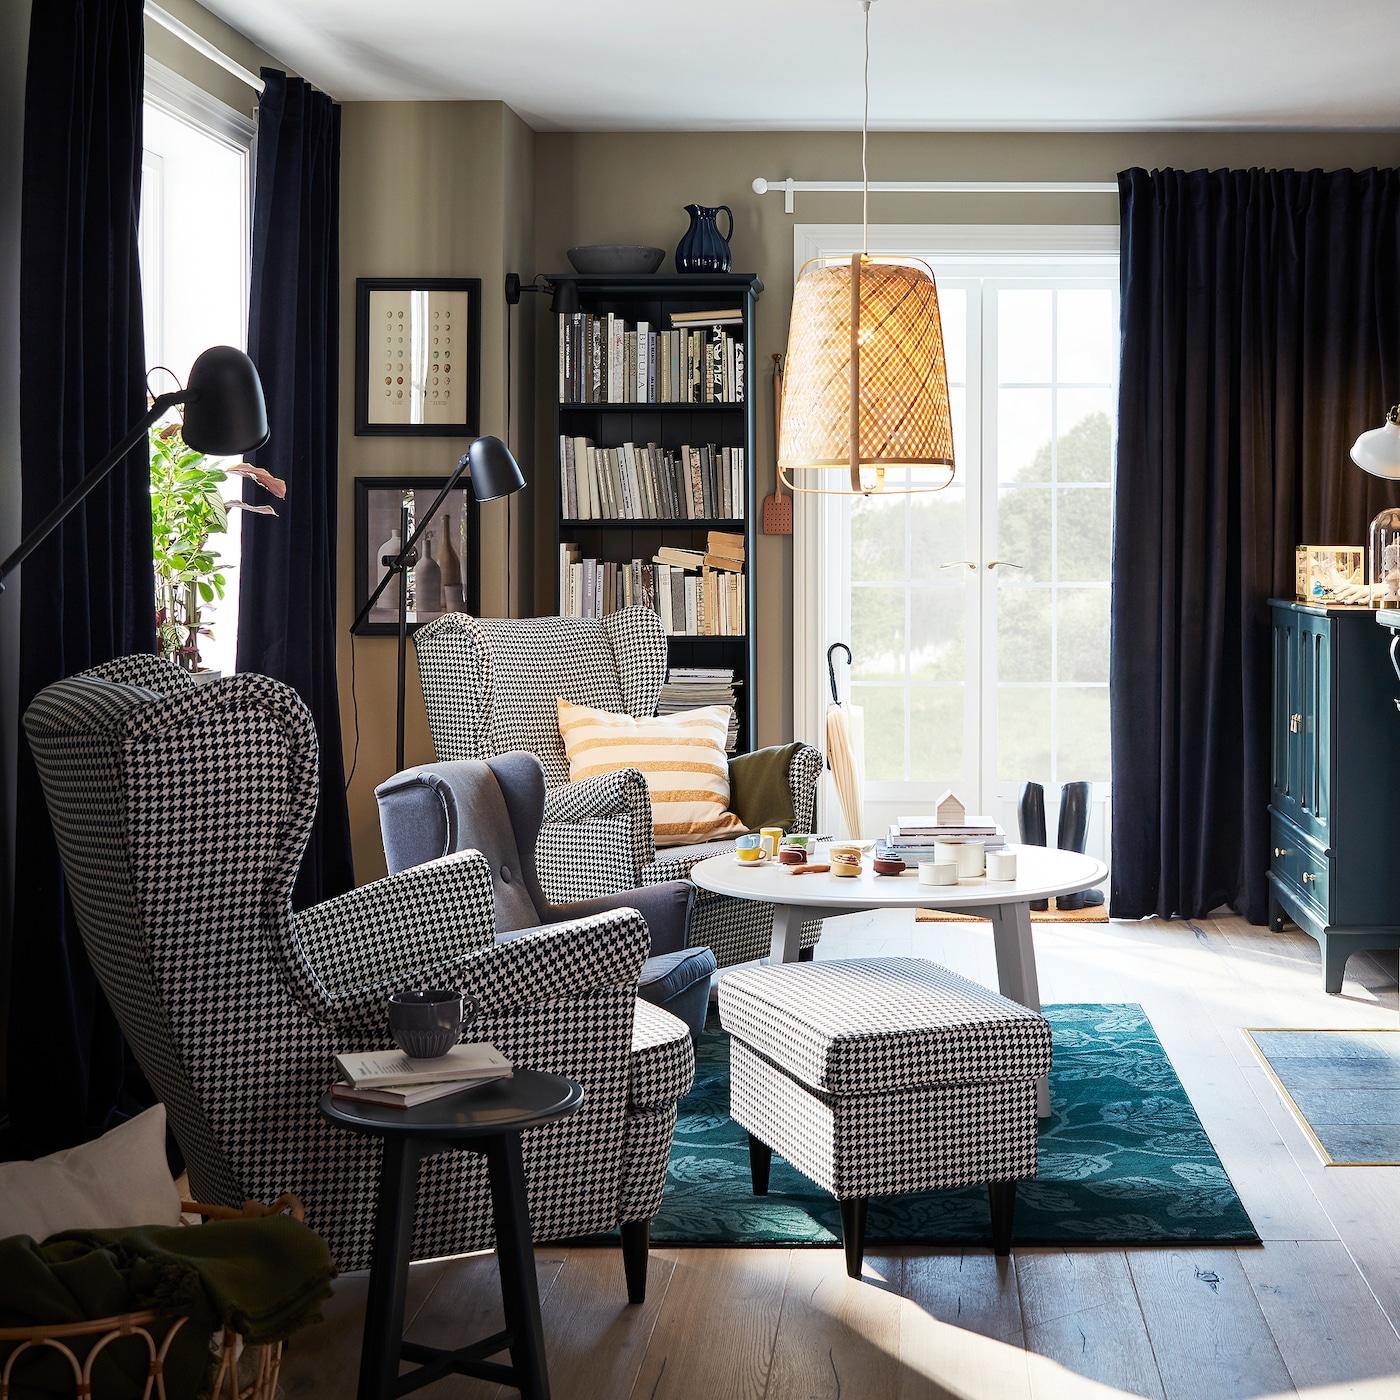 Een huiskamer met twee oorfauteuils, een groen vloerkleed, een hanglamp in bamboe en een ronde salontafel.